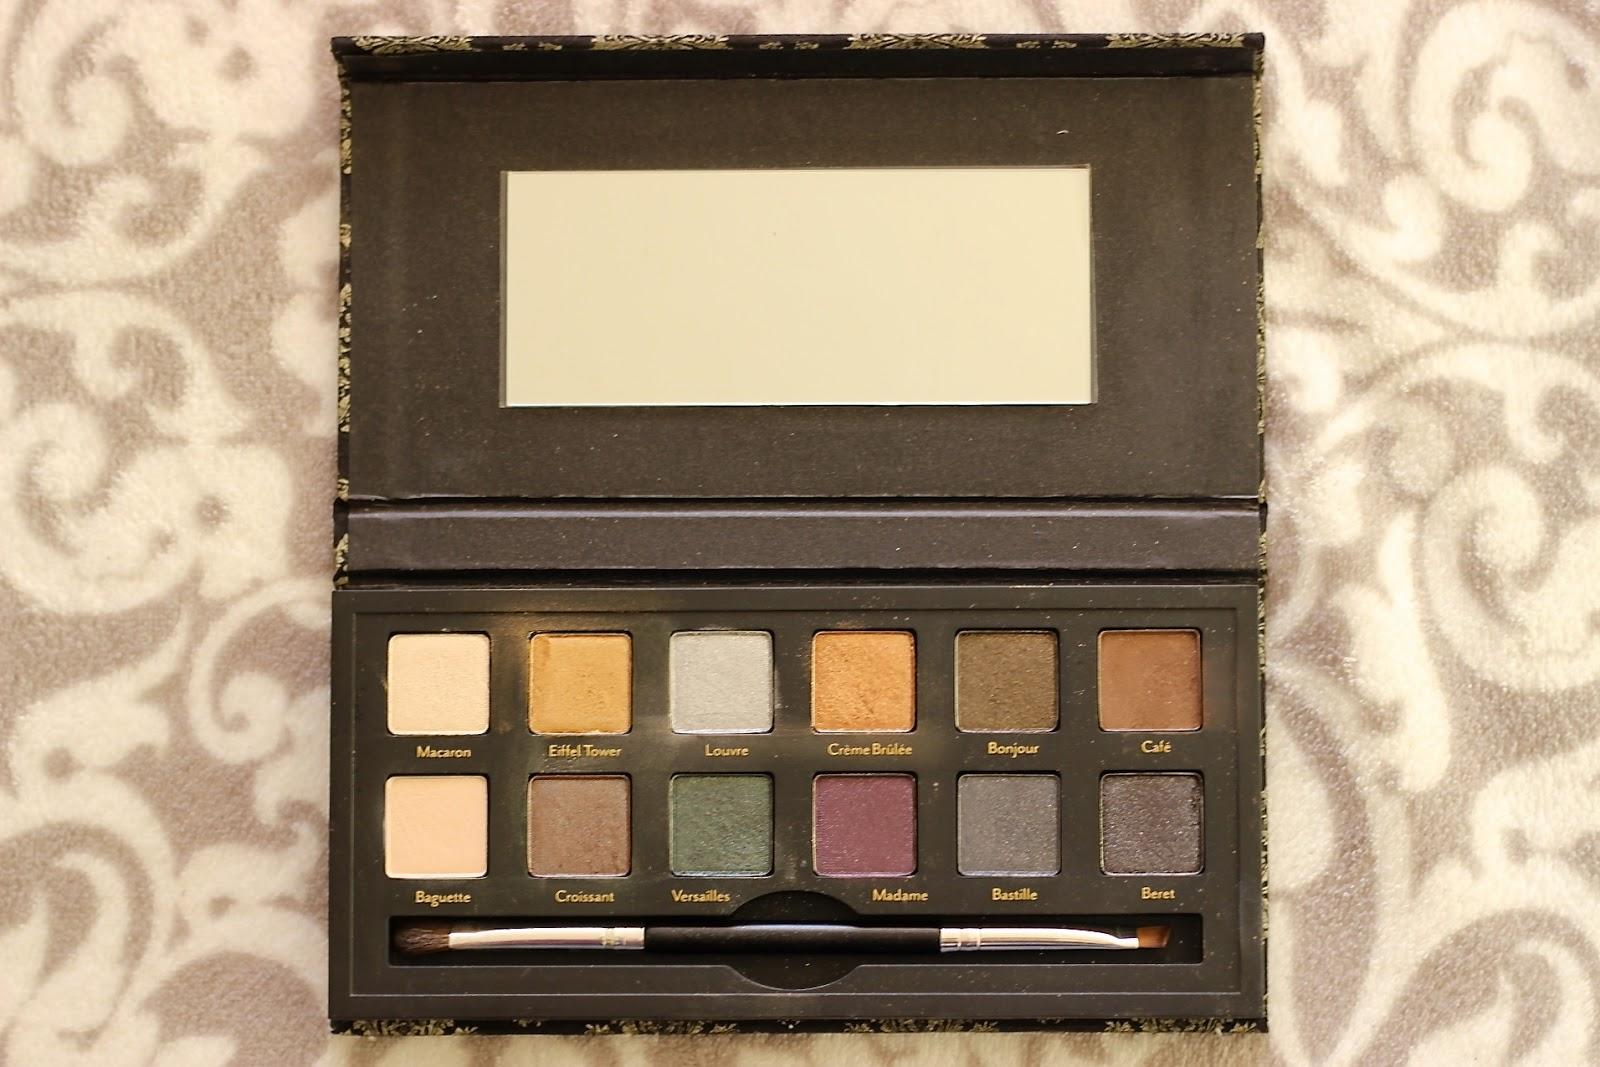 Cargo Cosmetics Let's Meet In Paris Eyeshadow Palette